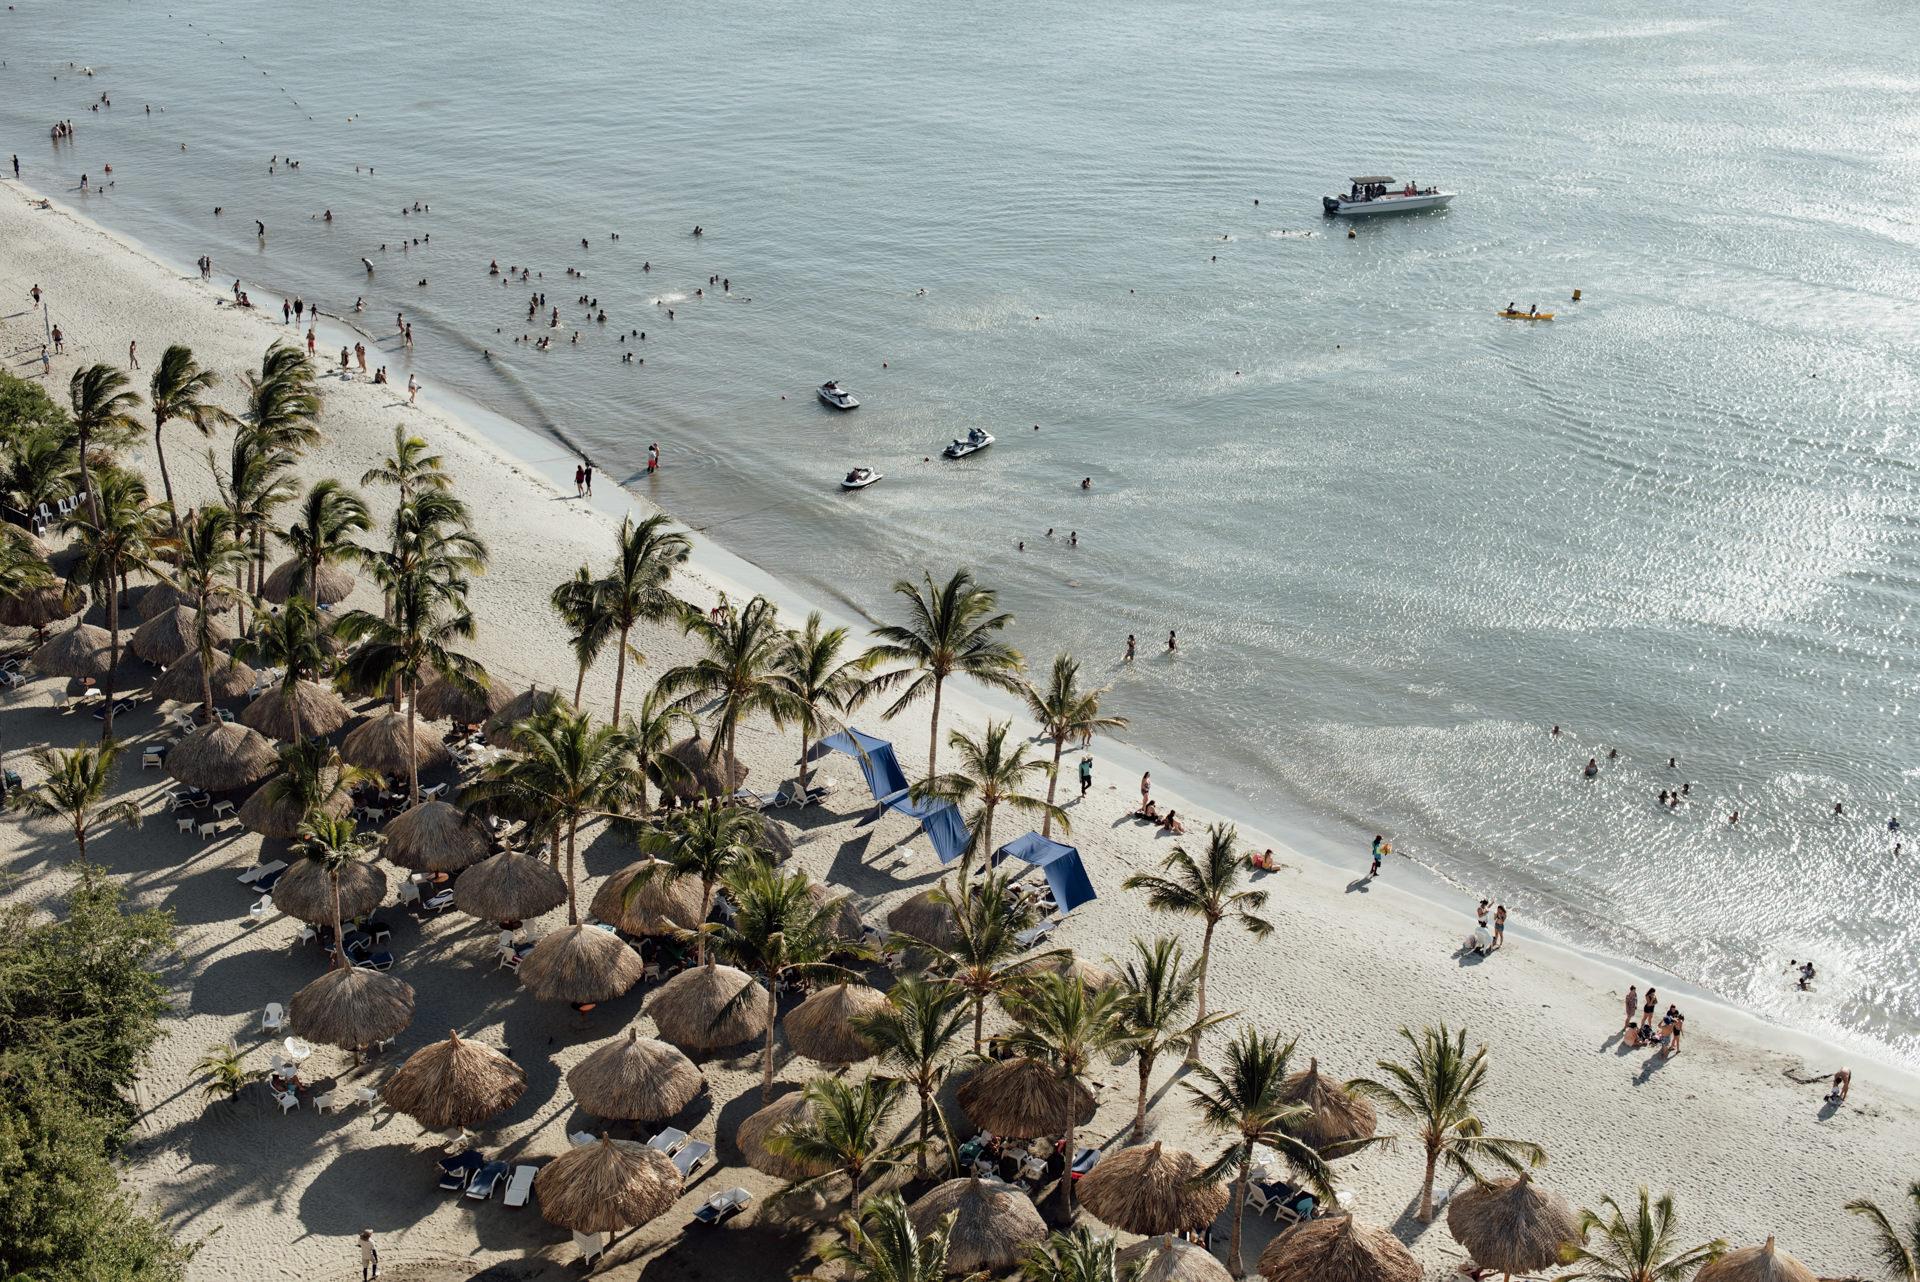 santa marta colombia wedding destination